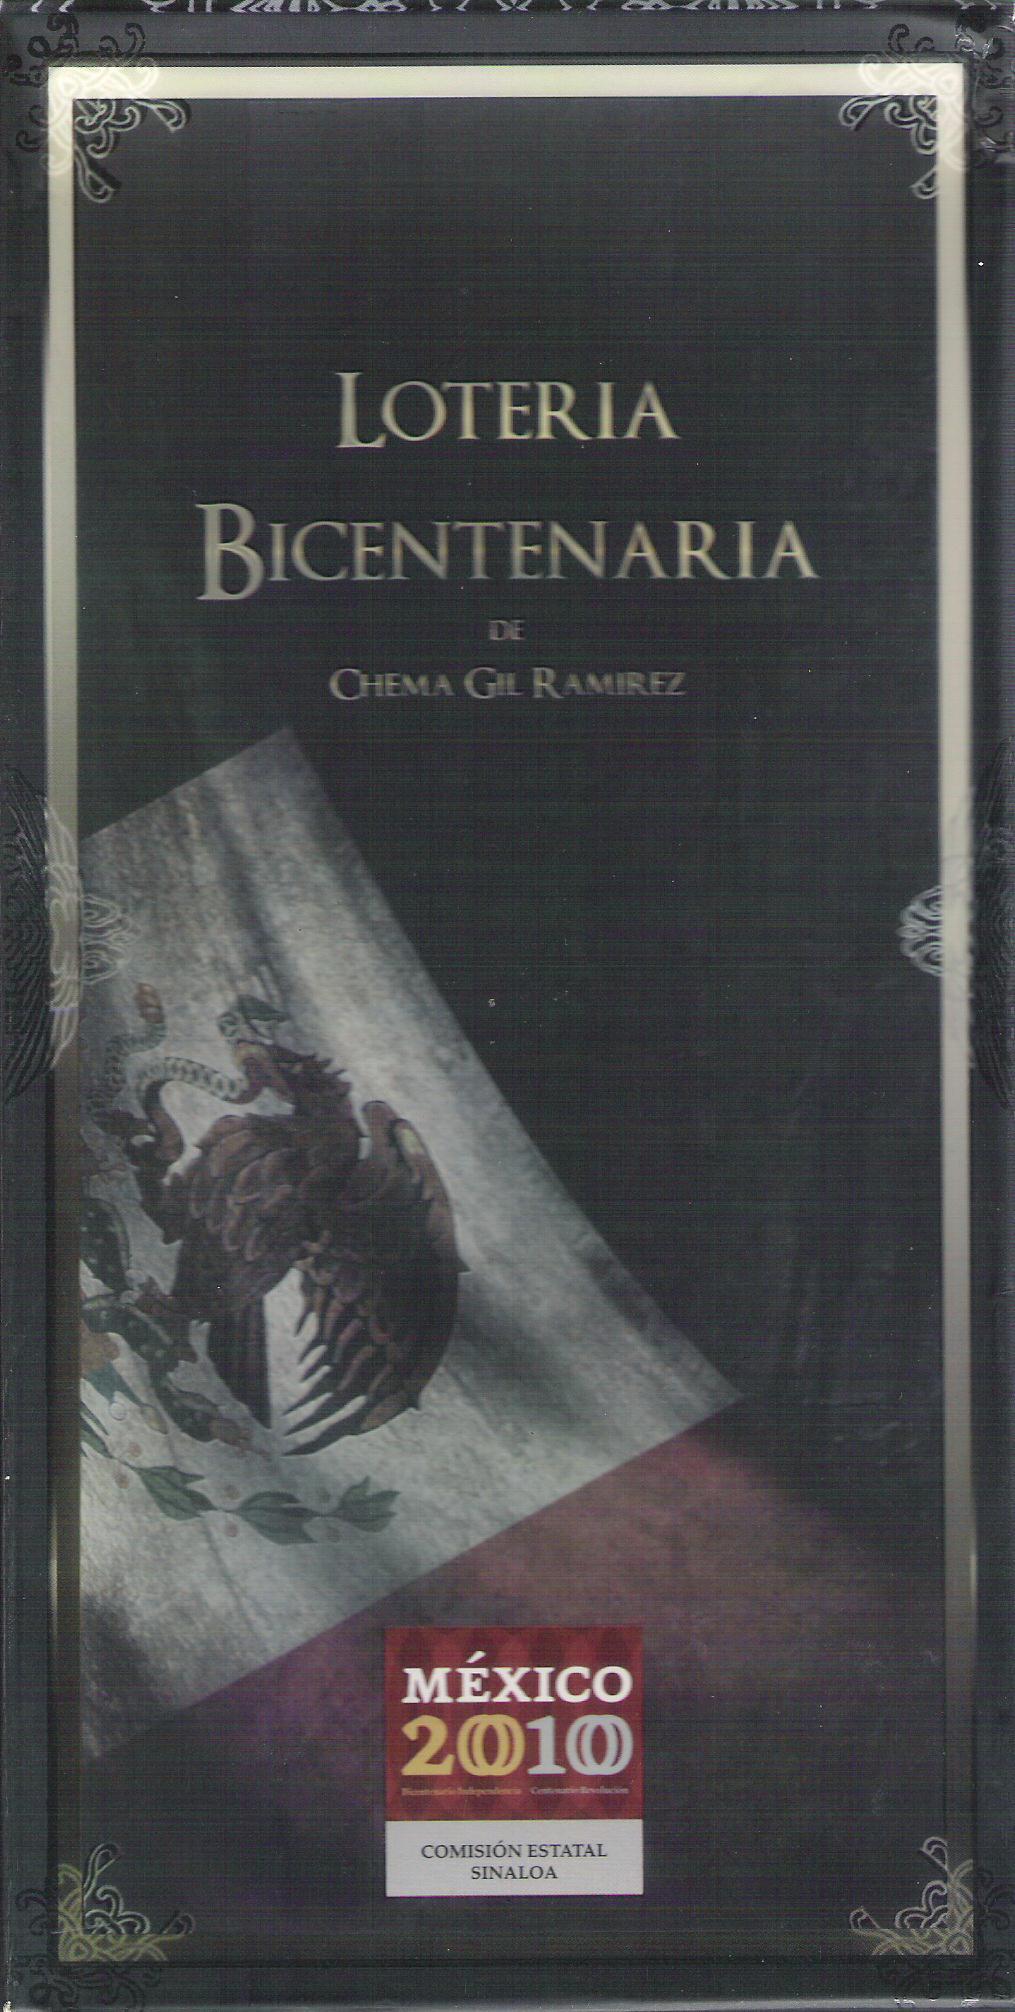 Loter¡a Bicentenaria